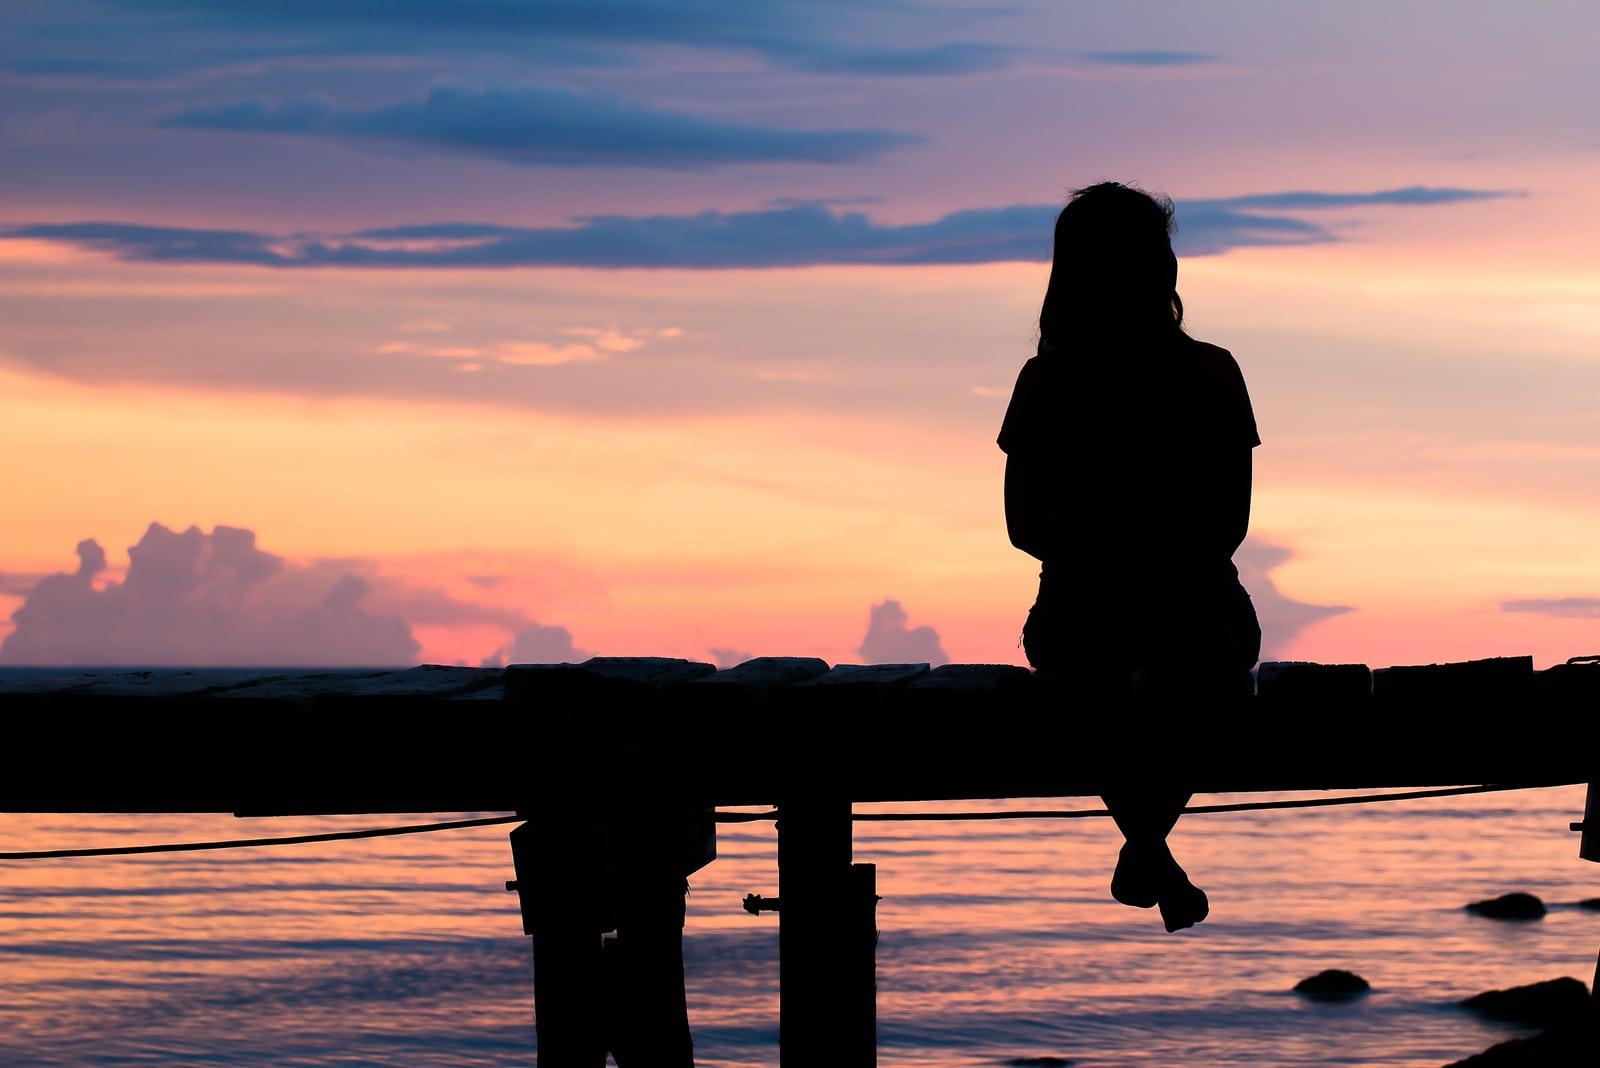 une femme est assise sur un pont en bois et regarde devant elle